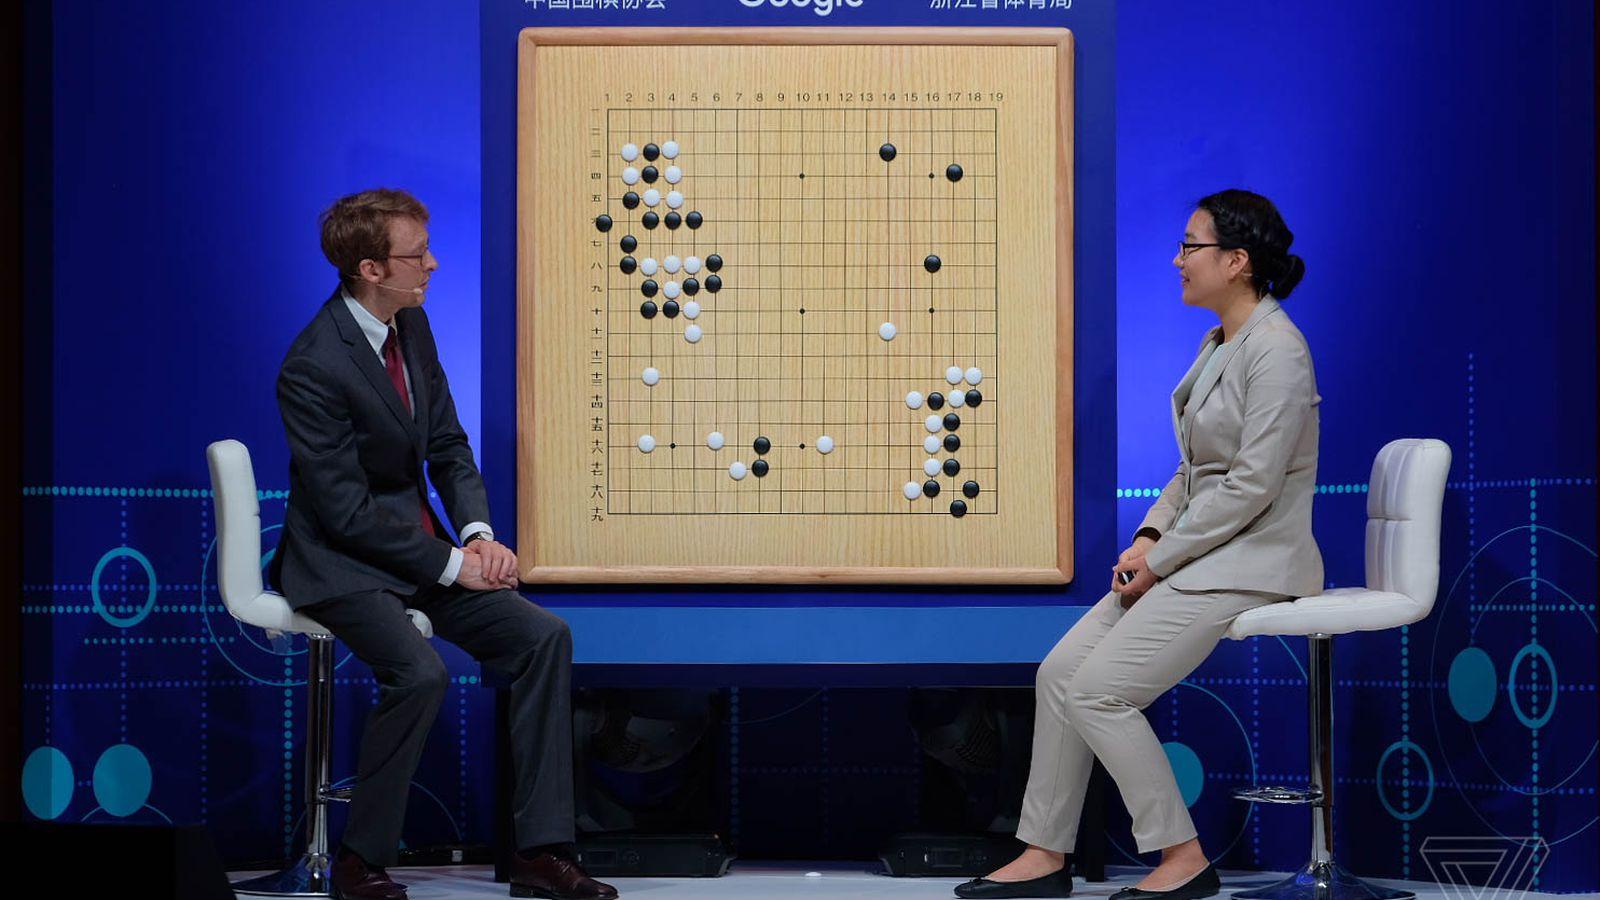 Google's AlphaGo AI defeats world Go number one Ke Jie